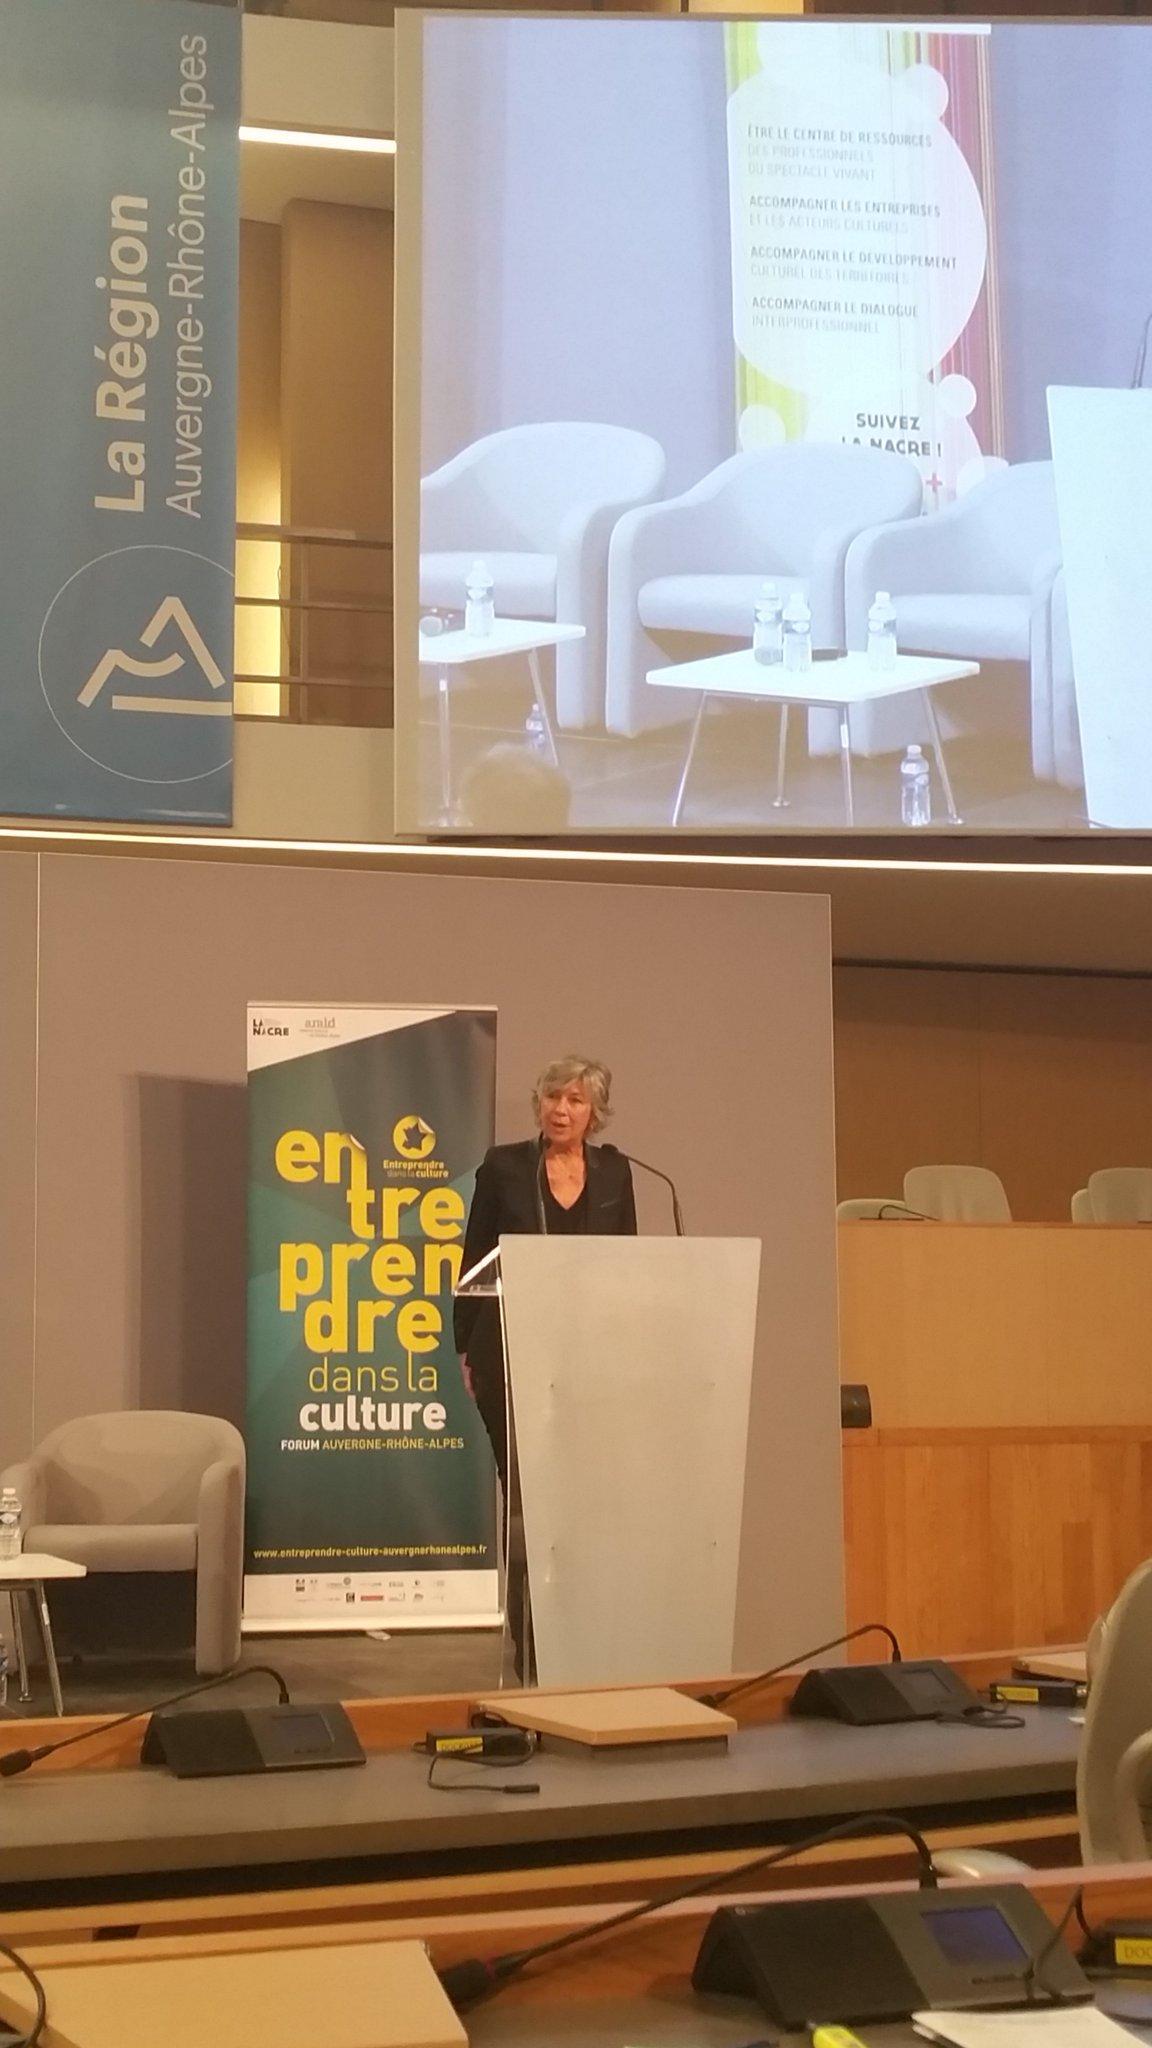 Florence Verney-Carron @auvergnerhalpes introduit la conférence en citant @Camille_Alcover #EntreprendreCulture https://t.co/z8s5cSOuYF https://t.co/PclGaCYZt3